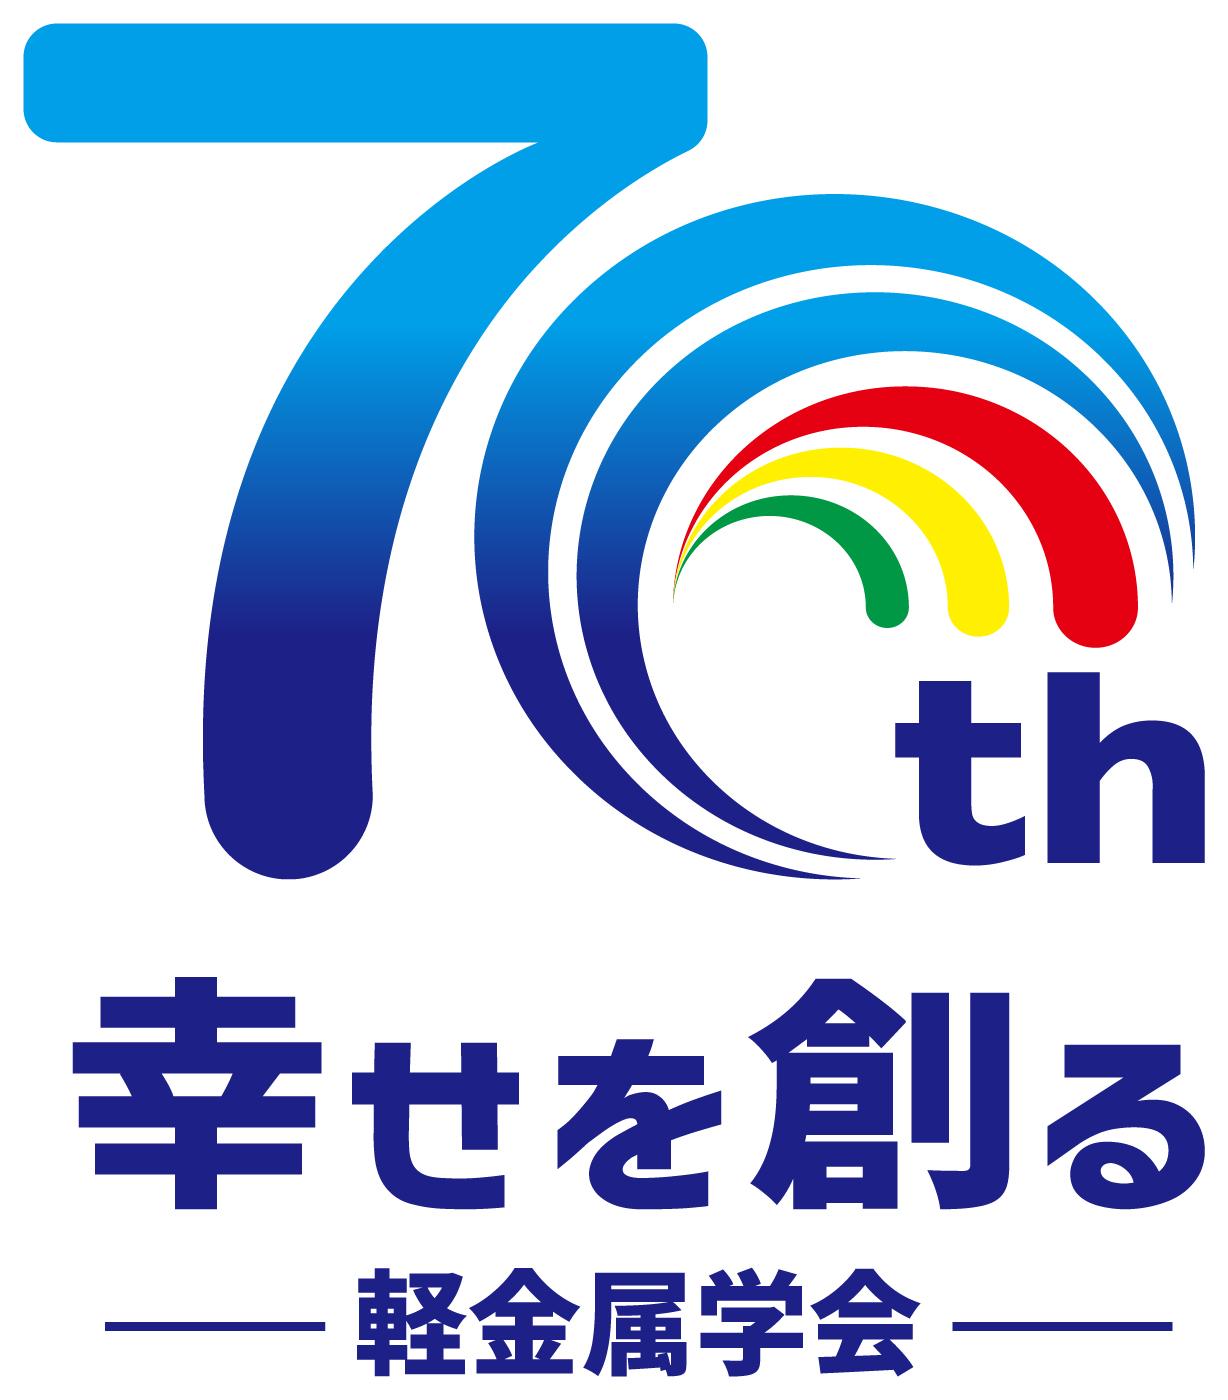 その他とロゴタイプ(文字のみのデザイン)と青のロゴ